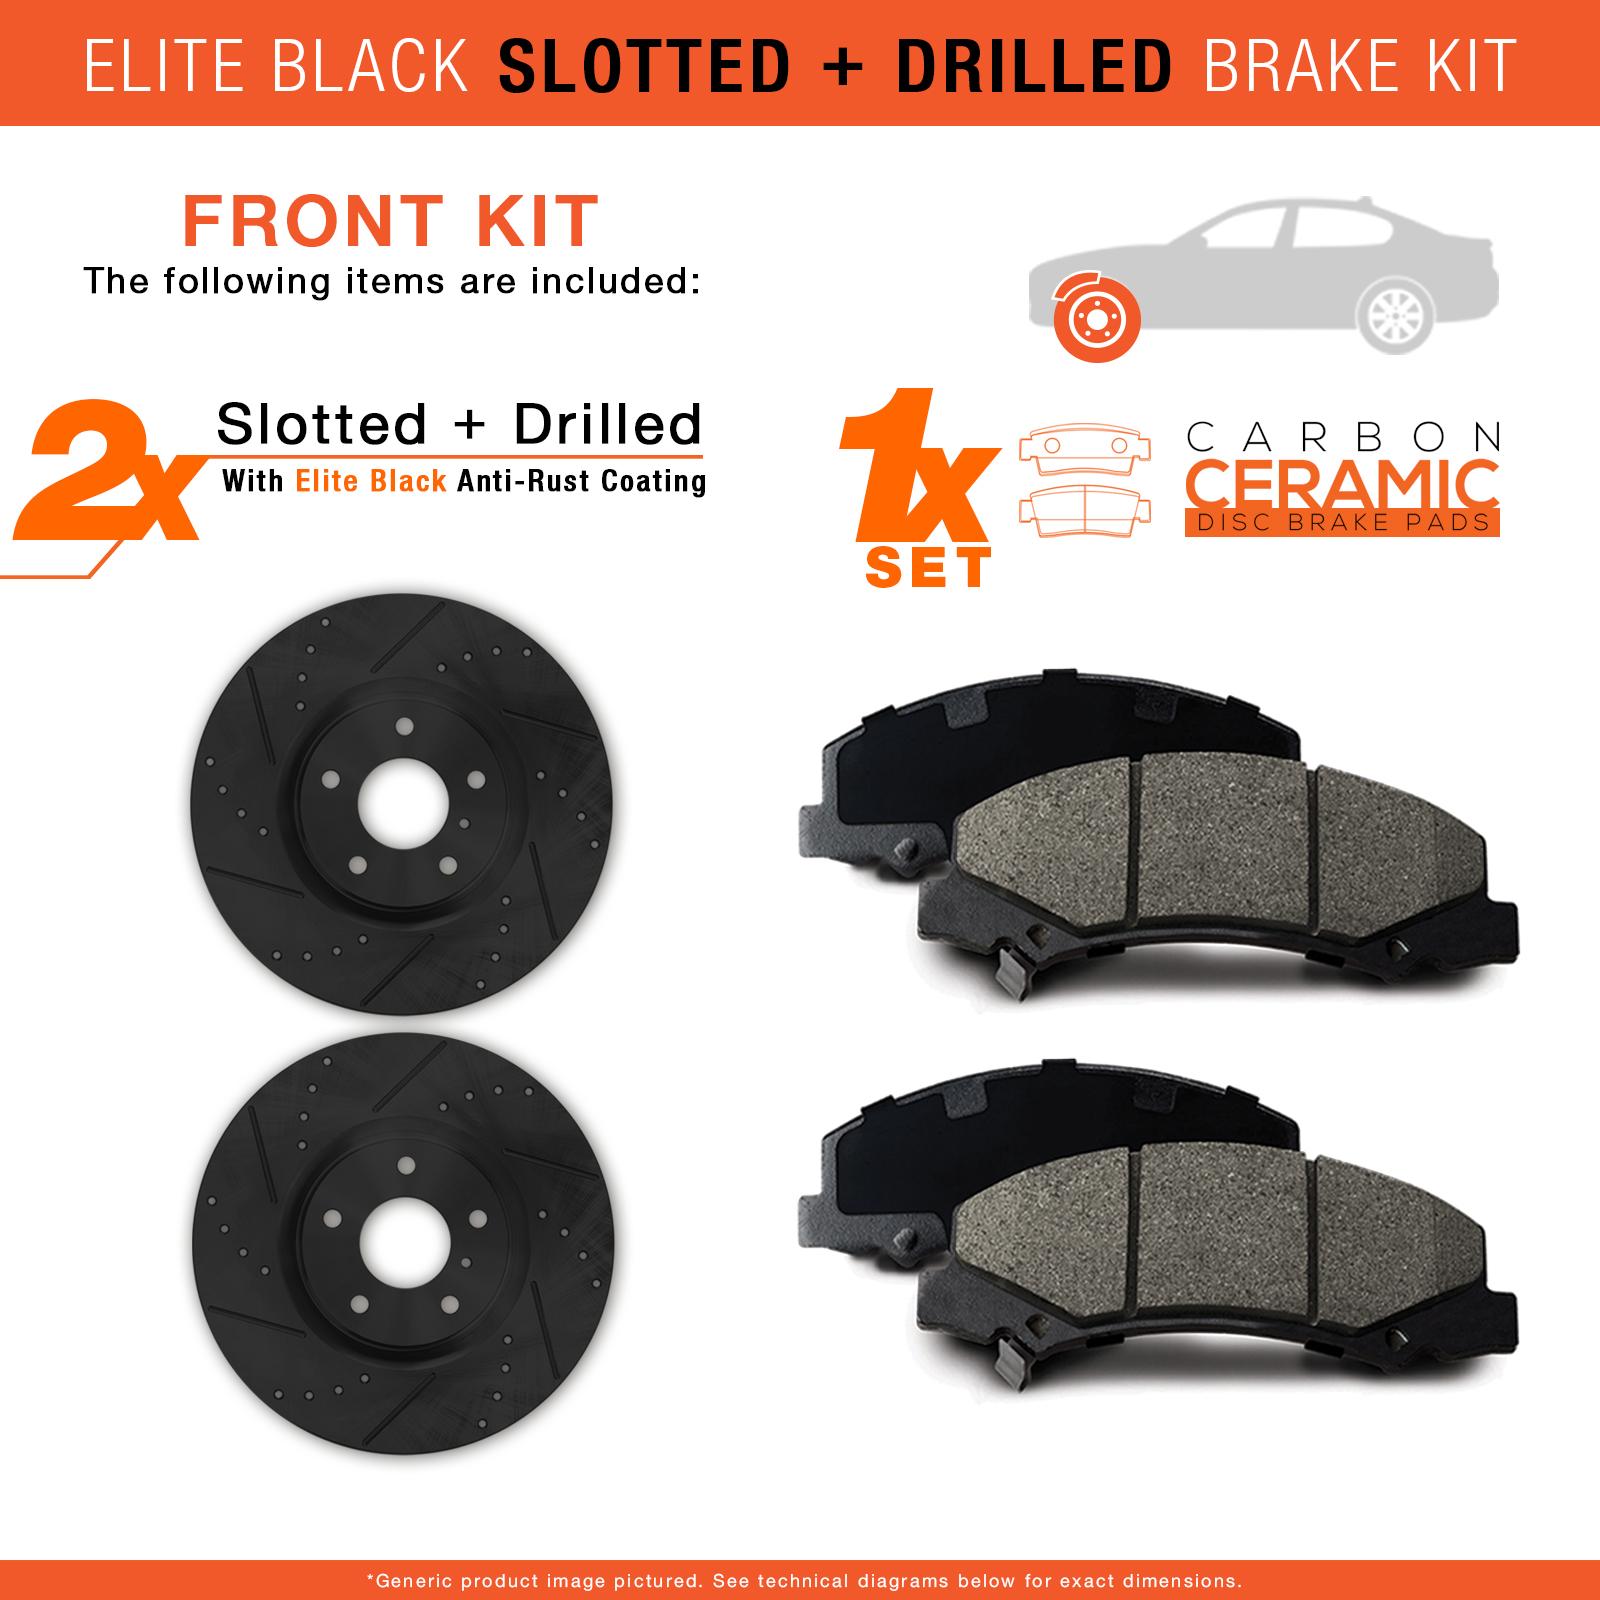 2000-2001-2002-2003-Saturn-L-Series-Black-Slot-Drill-Rotor-w-Ceramic-Pads-F